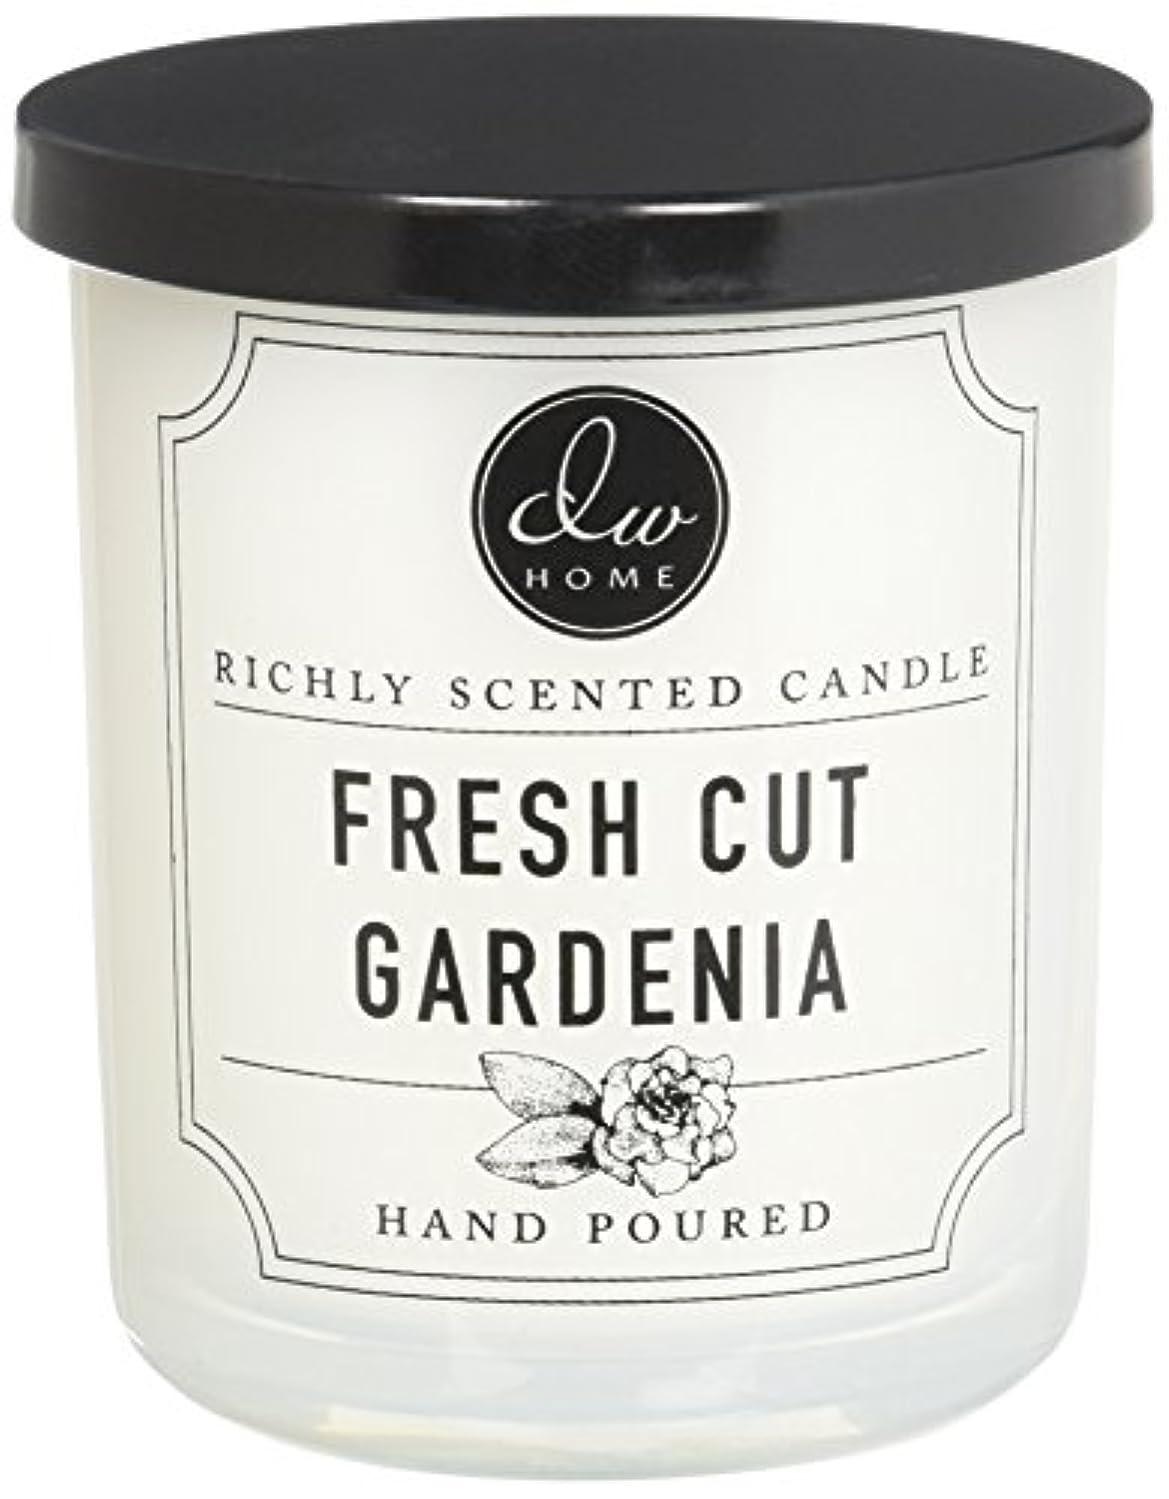 疾患ニッケル可能DWホームFresh Cut Gardenia豊かな香りCandle Small Single Wick 4オンス